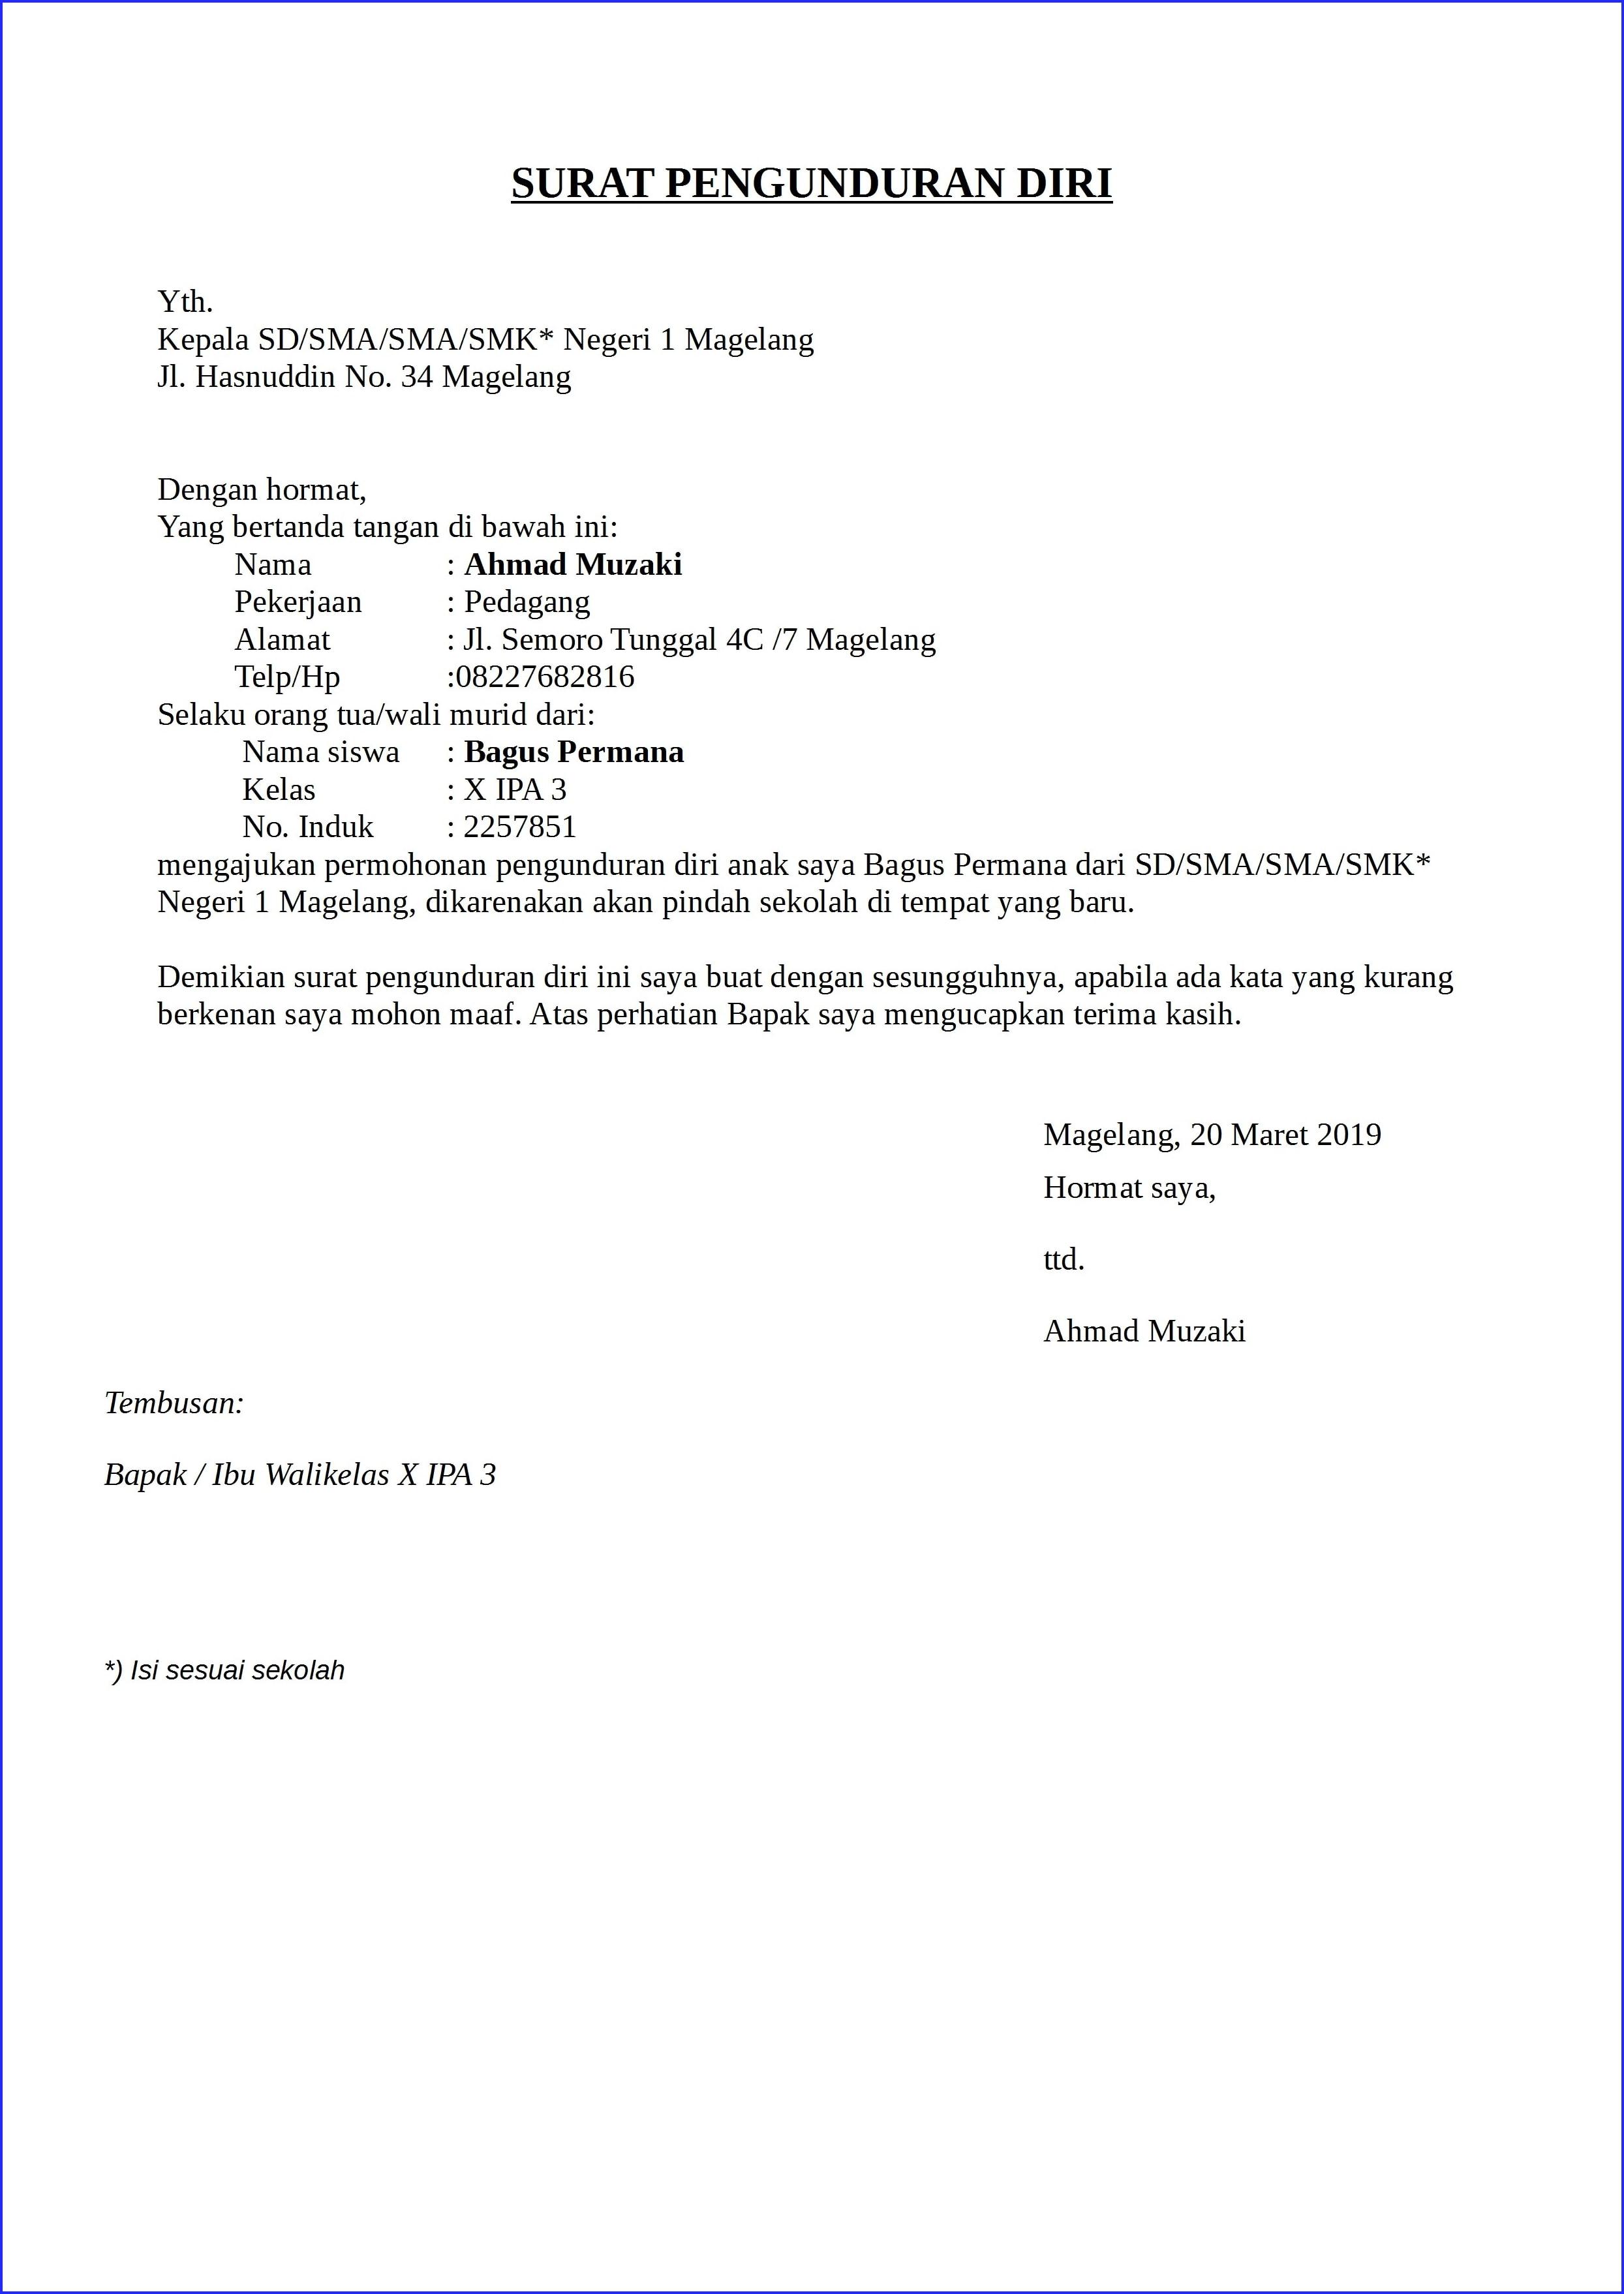 Contoh Surat Pengunduran Diri Dari Pekerjaan Security